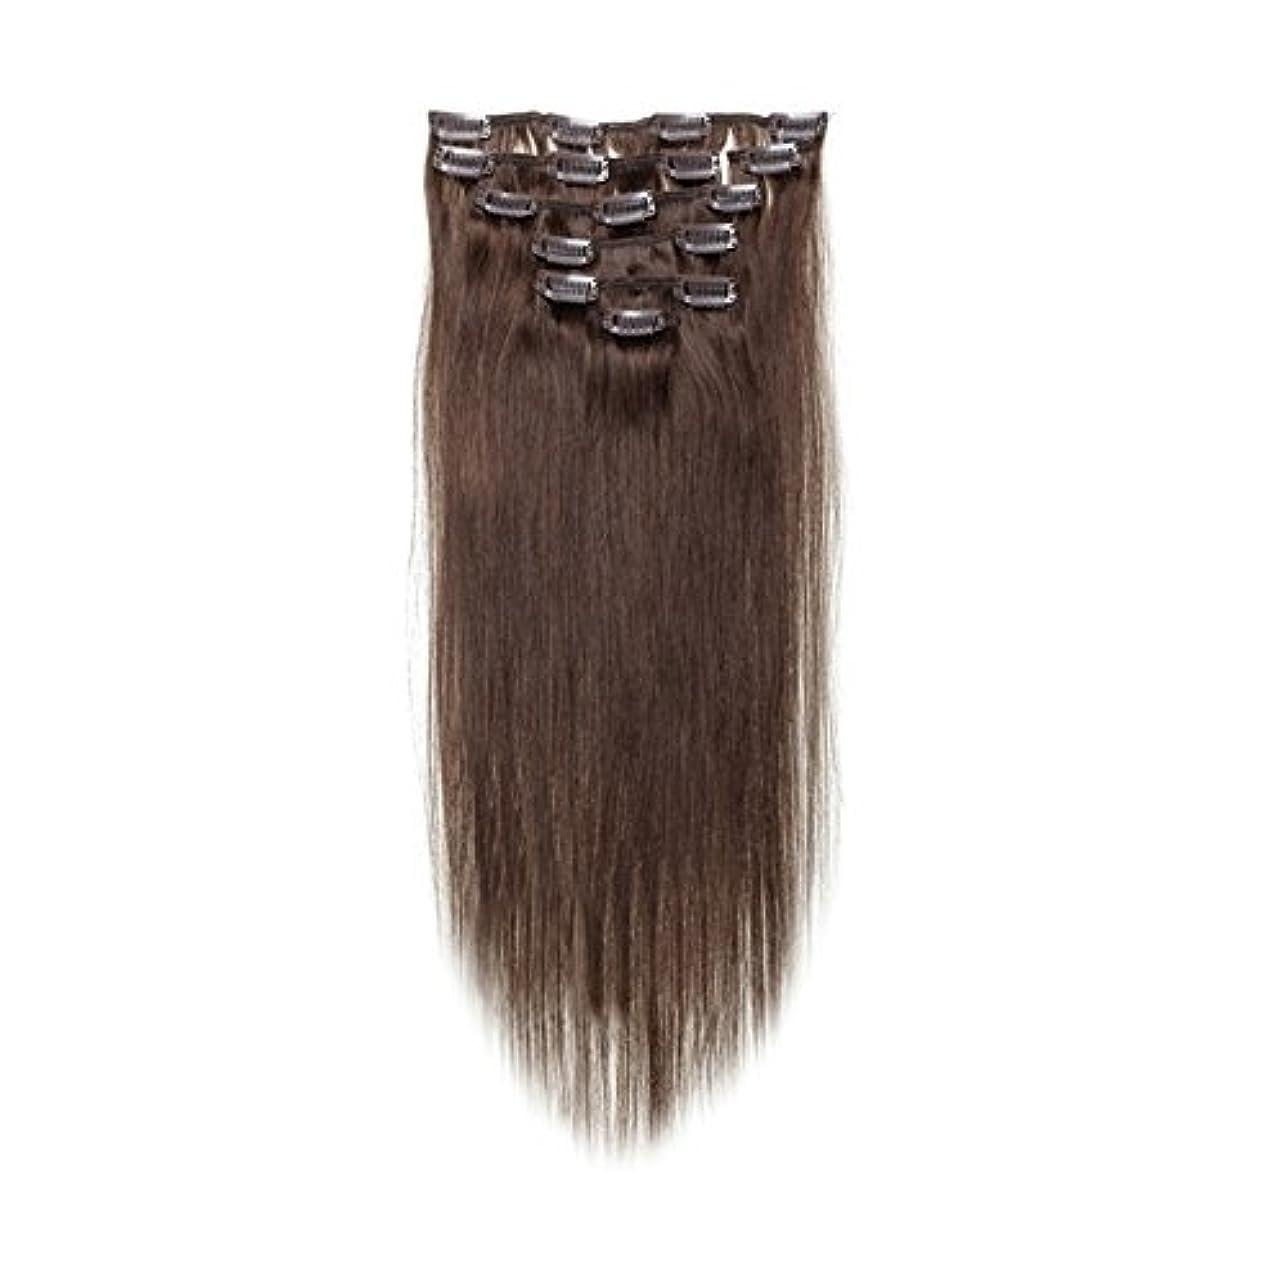 牛記念品オリエンタルヘアエクステンション,SODIAL(R) 女性の人間の髪 クリップインヘアエクステンション 7件 70g 20インチ ダークブラウン